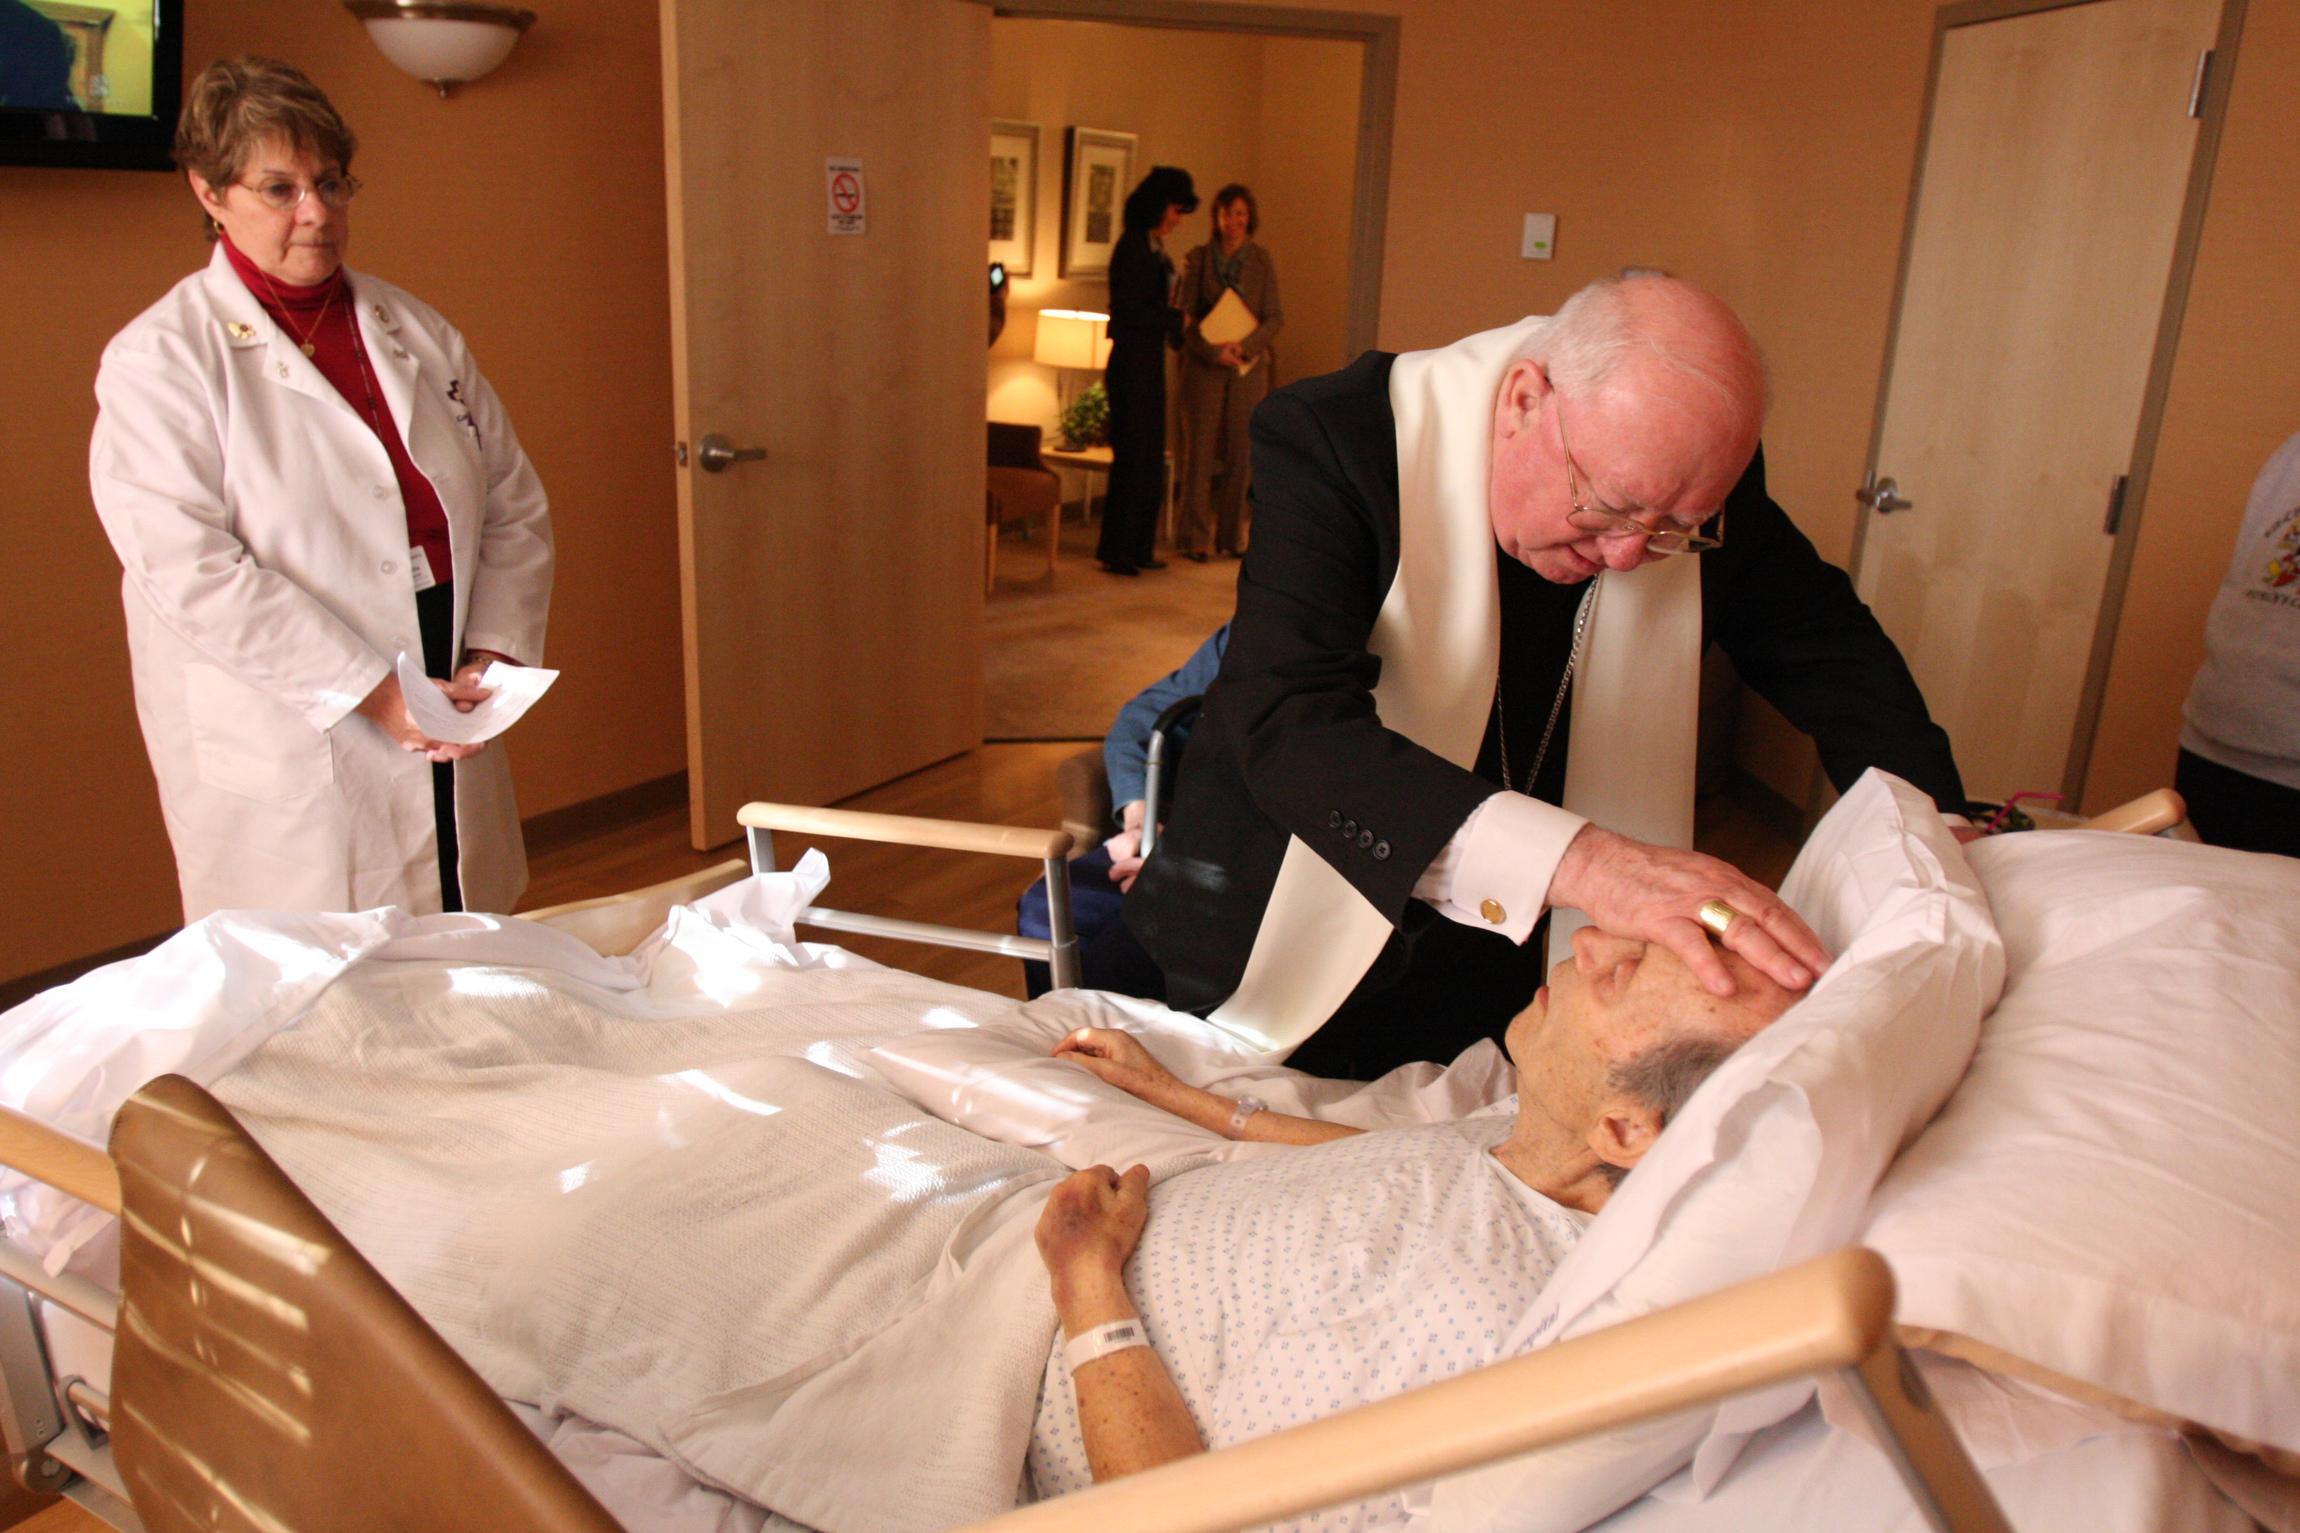 Podelitev bolniškega maziljenja (foto: splet)